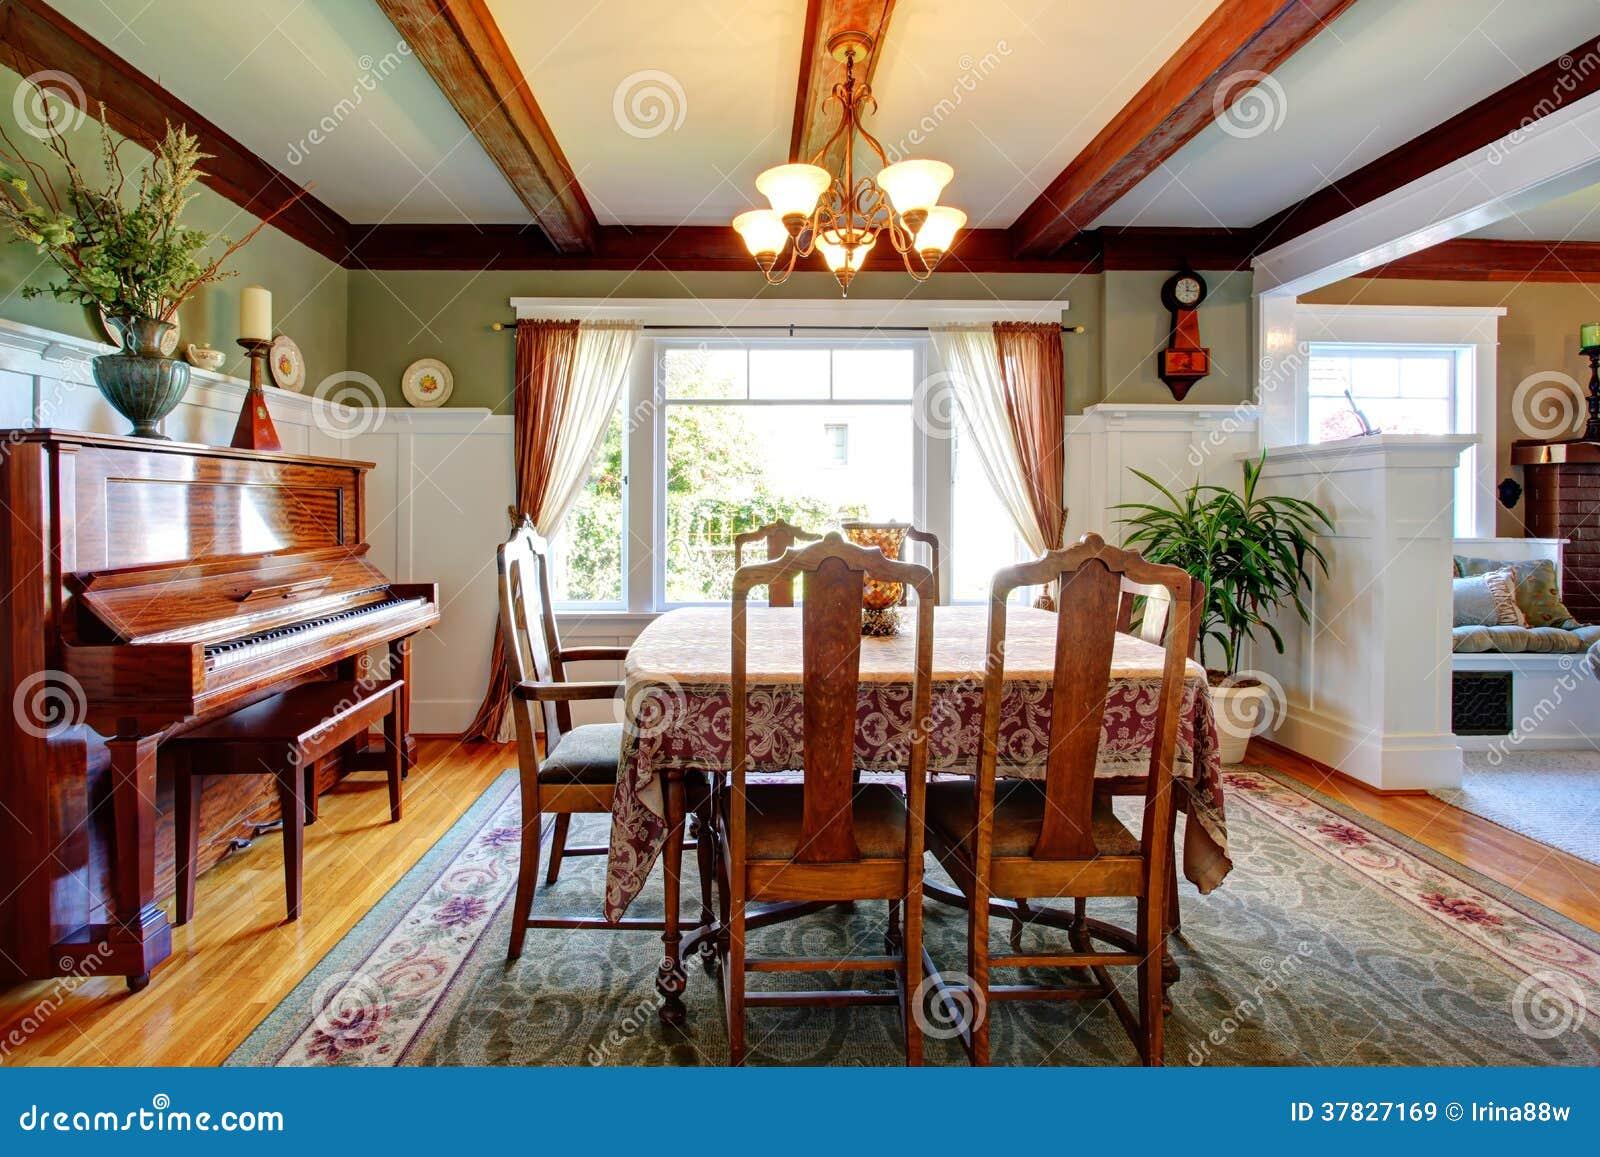 Ffnen sie esszimmer der wandgestaltung mit klavier lizenzfreie stockbilder bild 37827169 - Esszimmer wandgestaltung ...